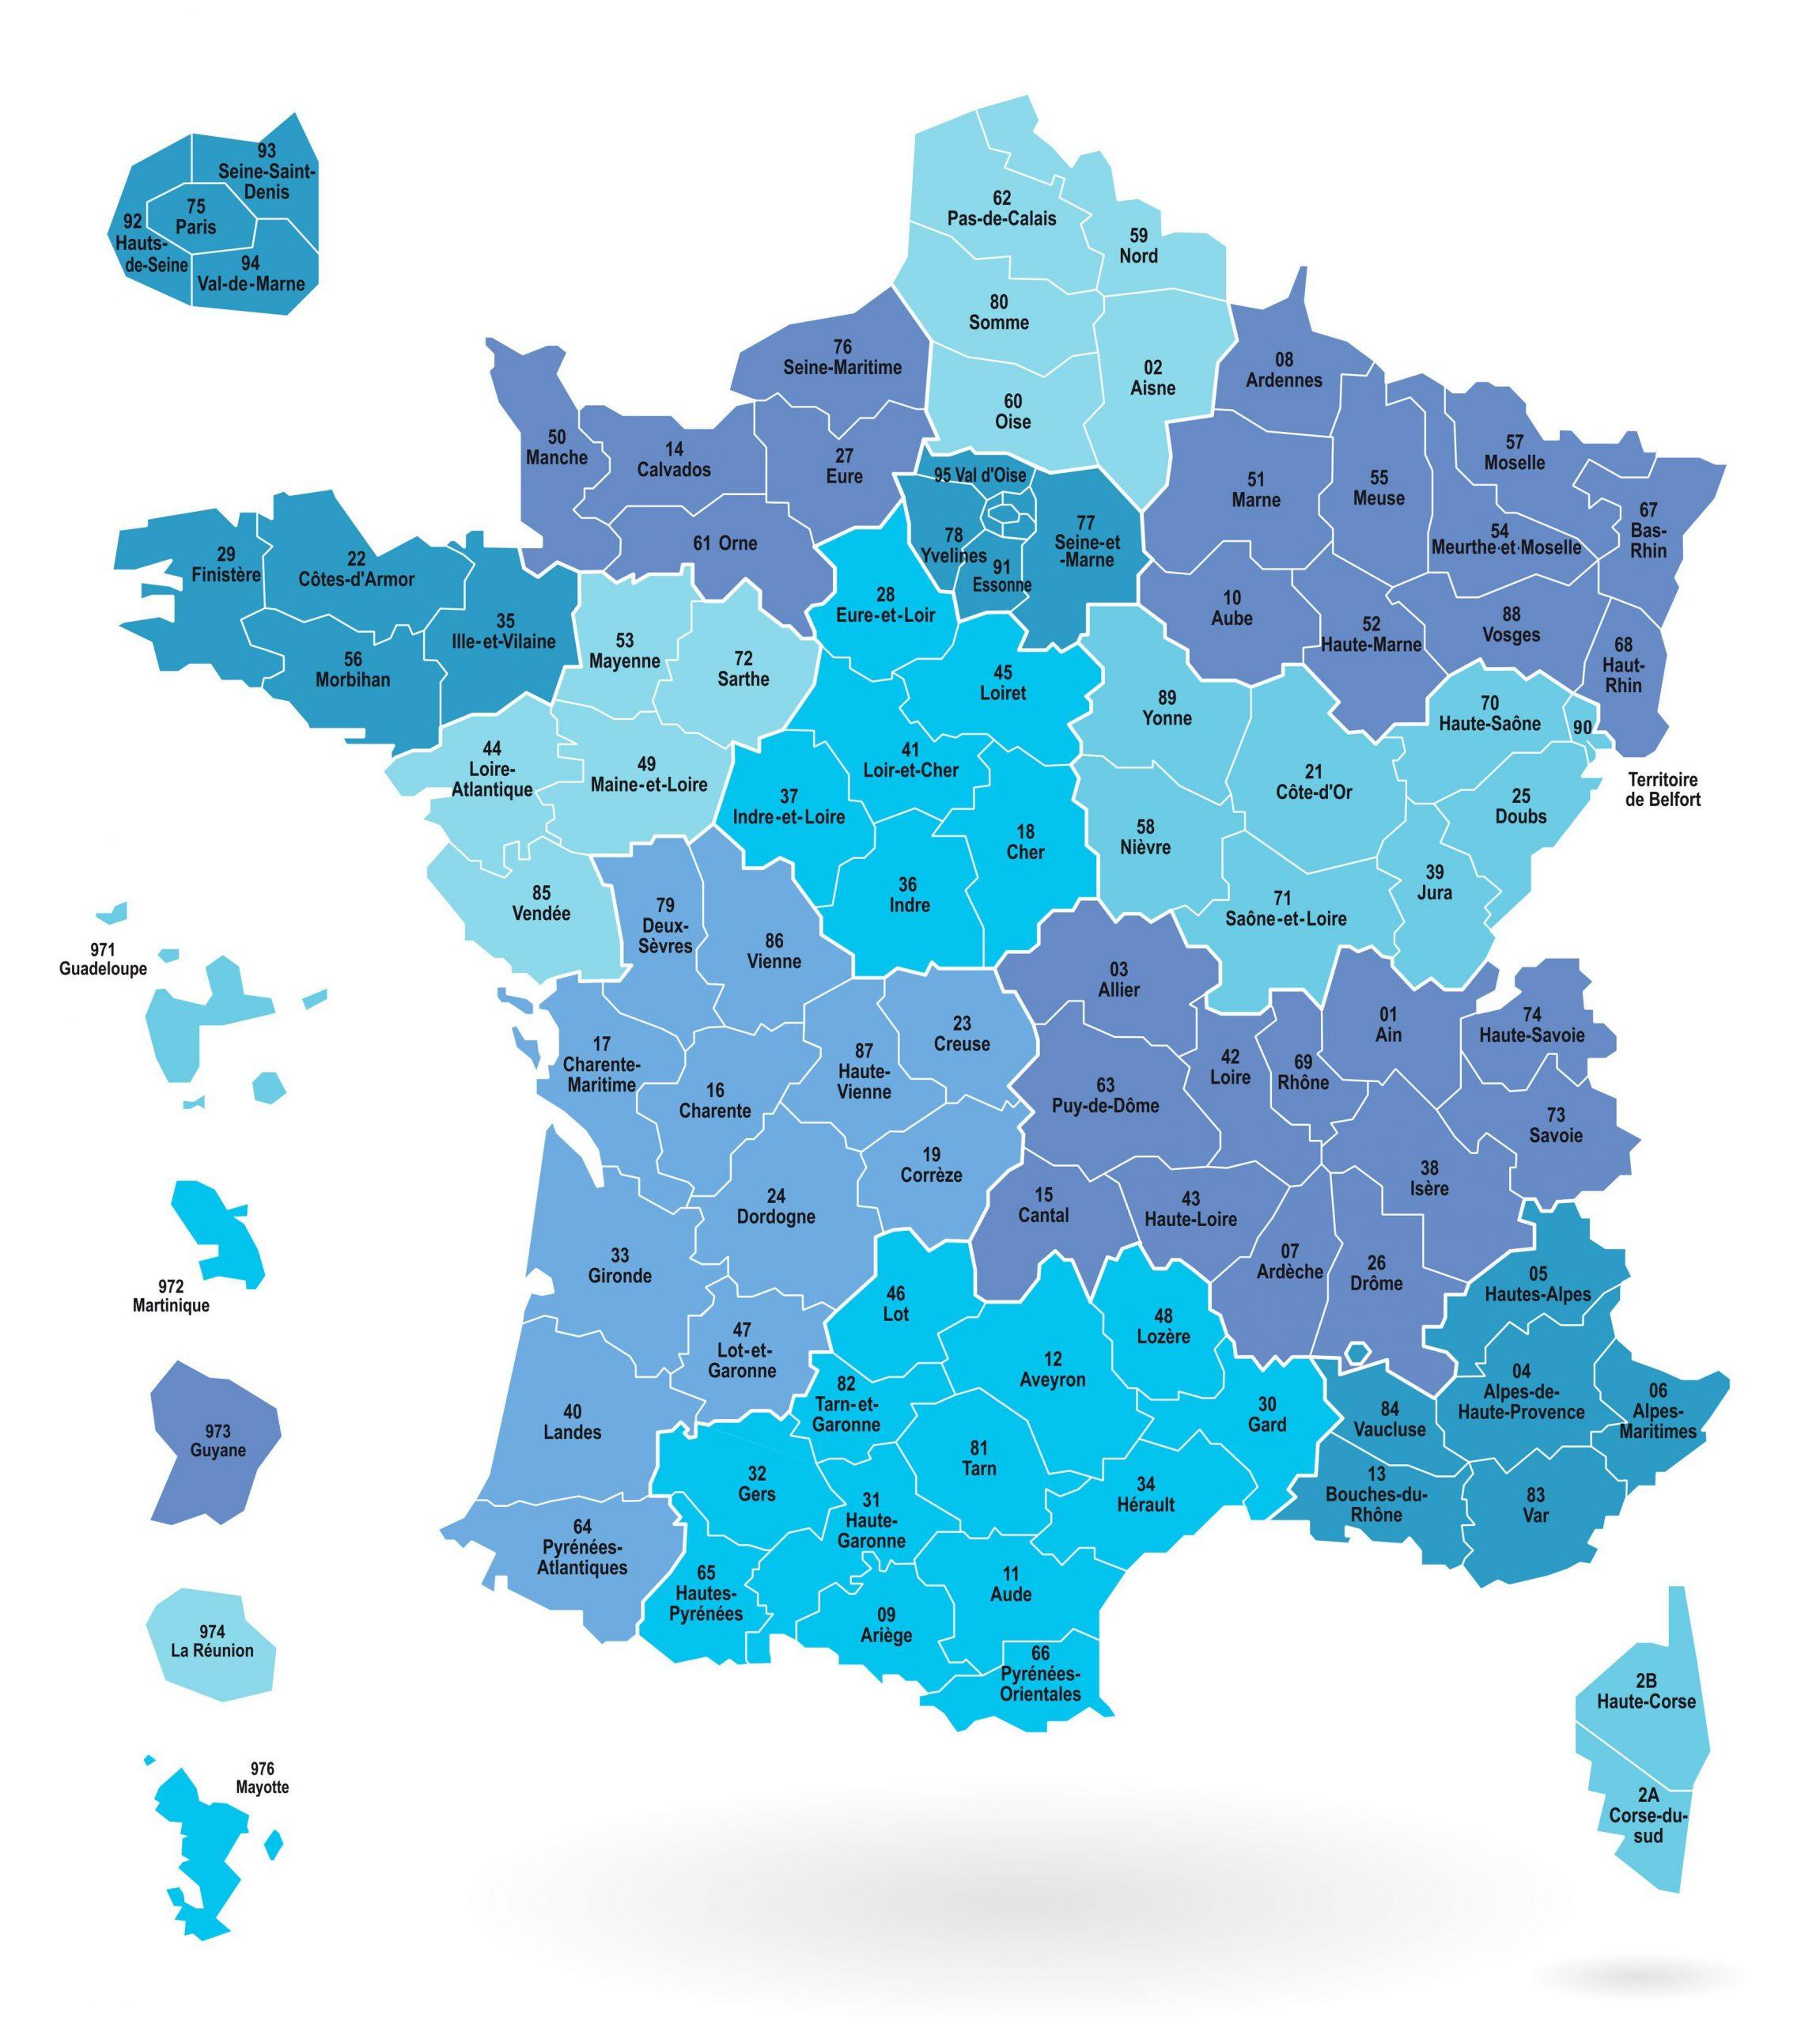 Cartes Des Départements Et Régions De La France - Cartes De tout Departement Francais Carte